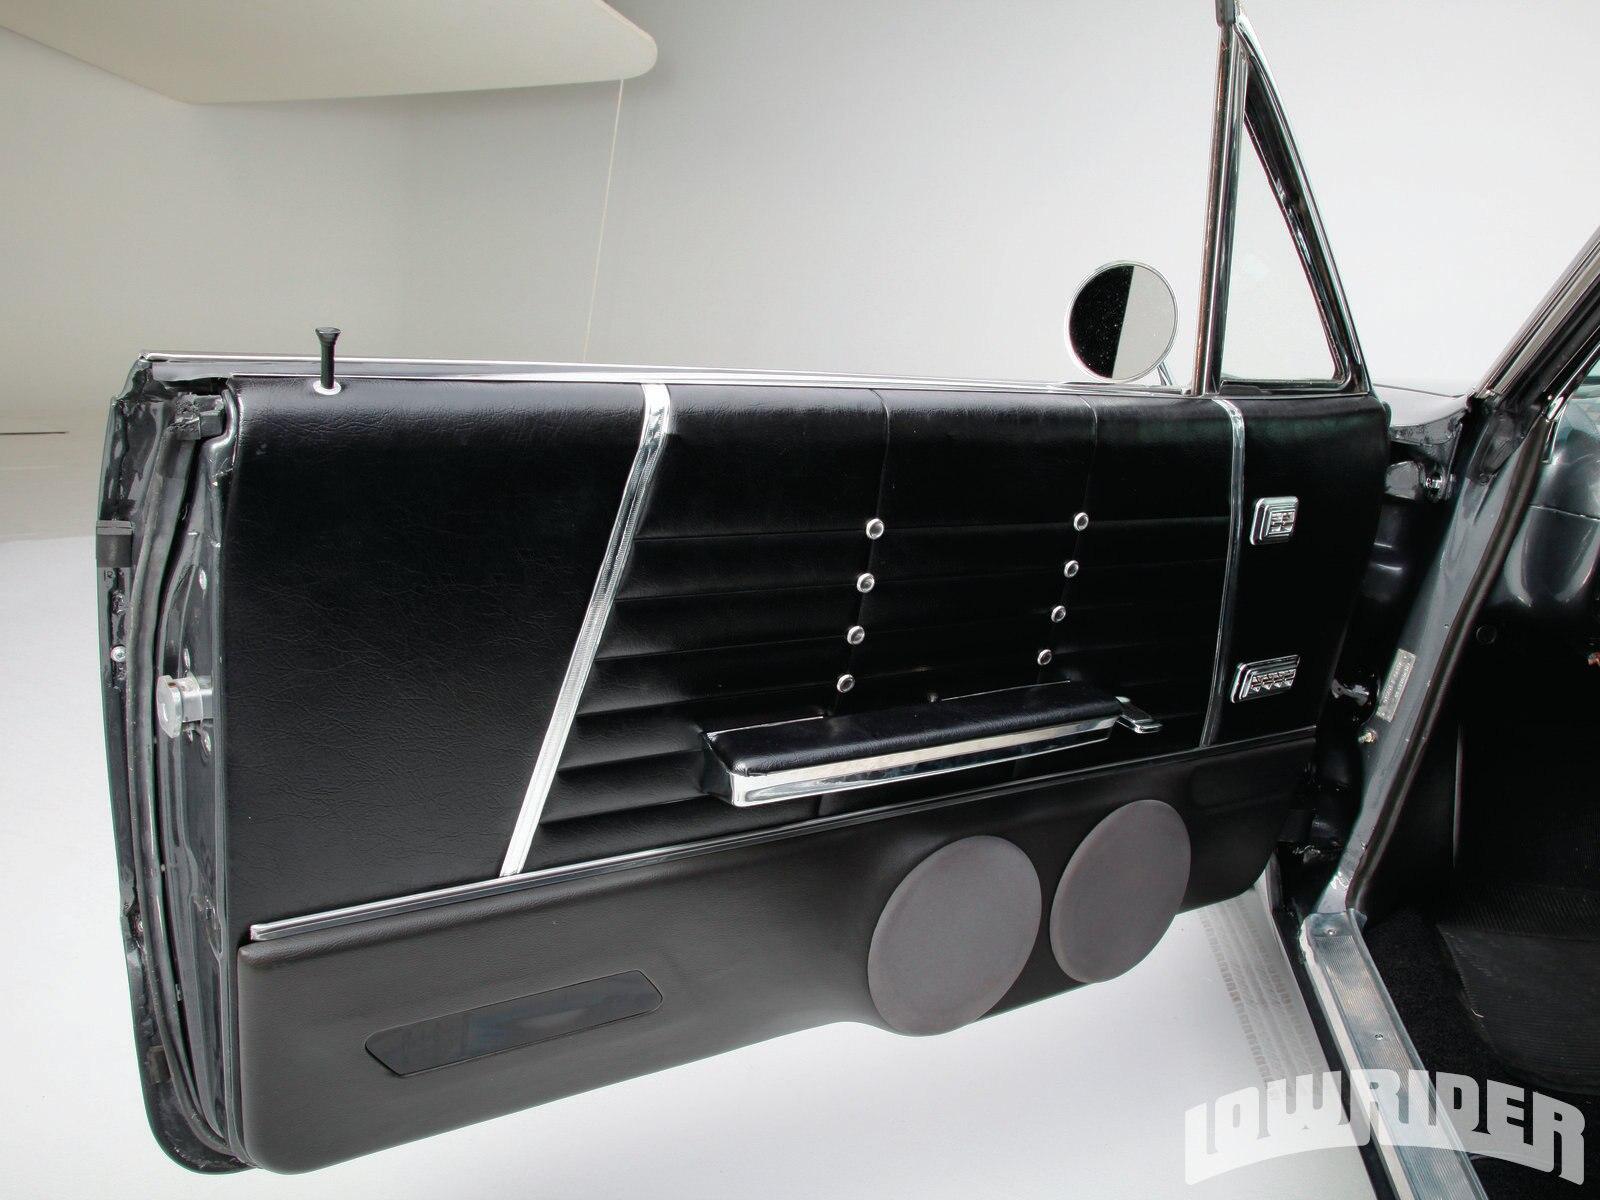 7 18 & 1964 Chevrolet Impala - Lowrider Magazine pezcame.com